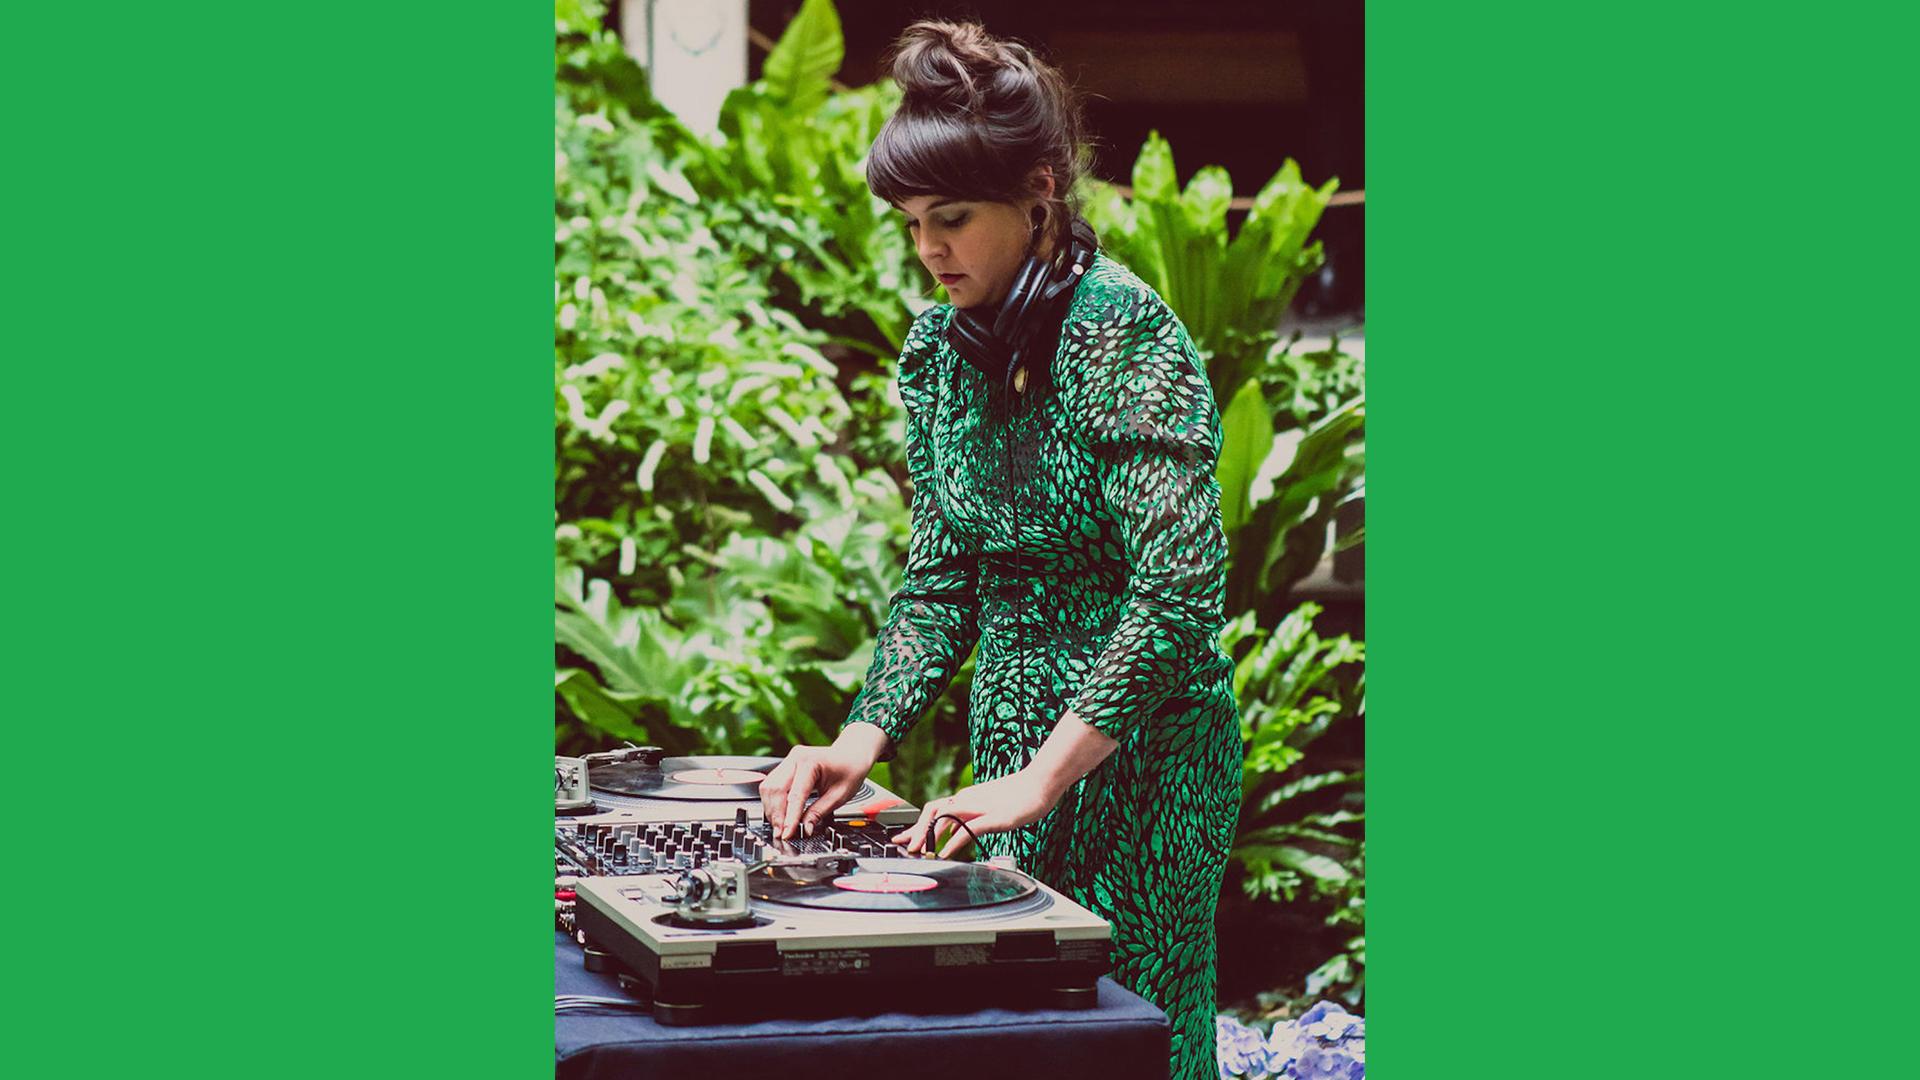 DJ Dayglow, photo by Kara Stokowski